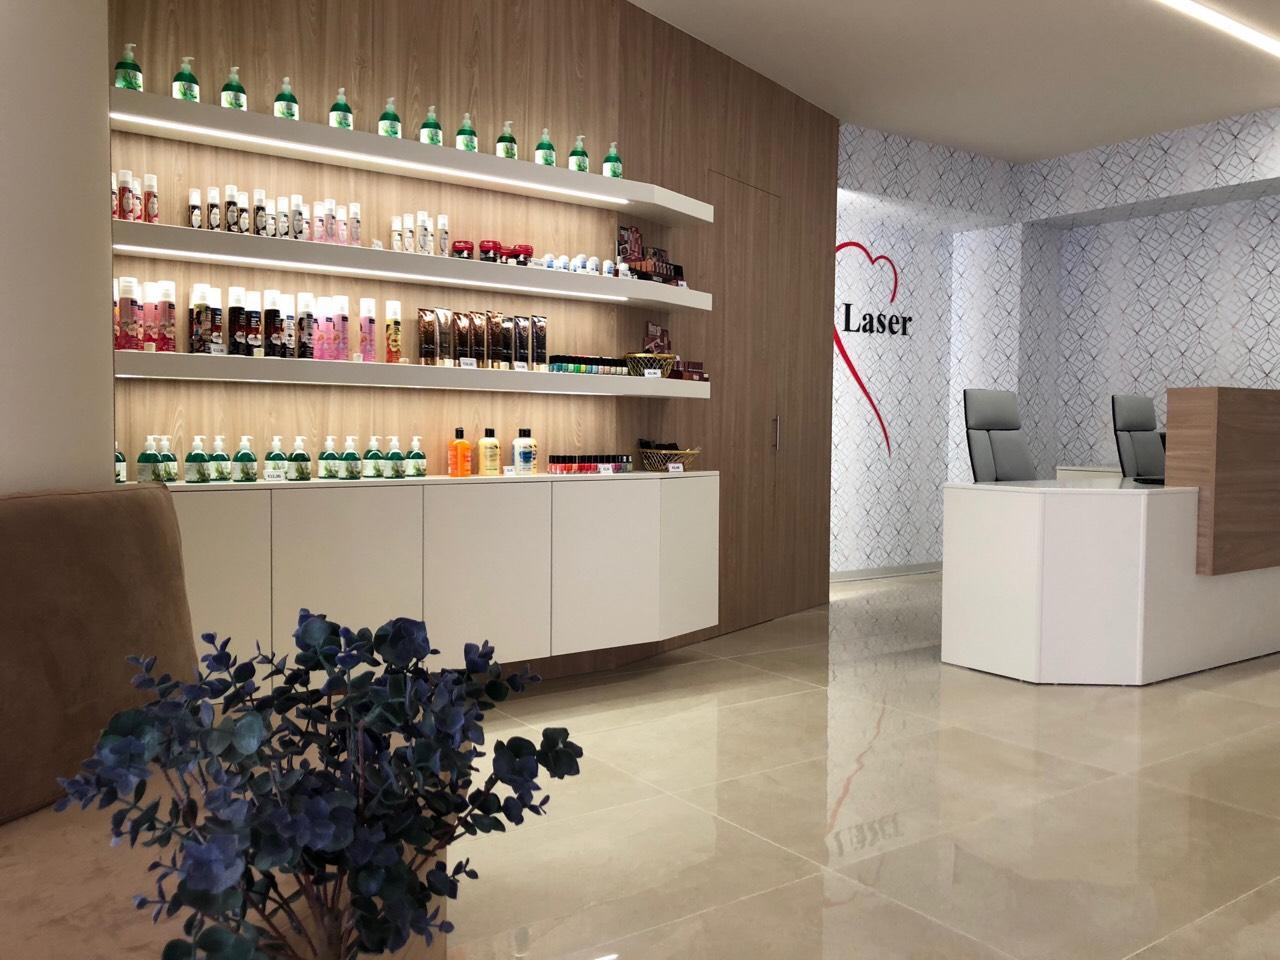 I LOVE LASER - Αρχιτεκτονικός Σχεδιασμός OPUS